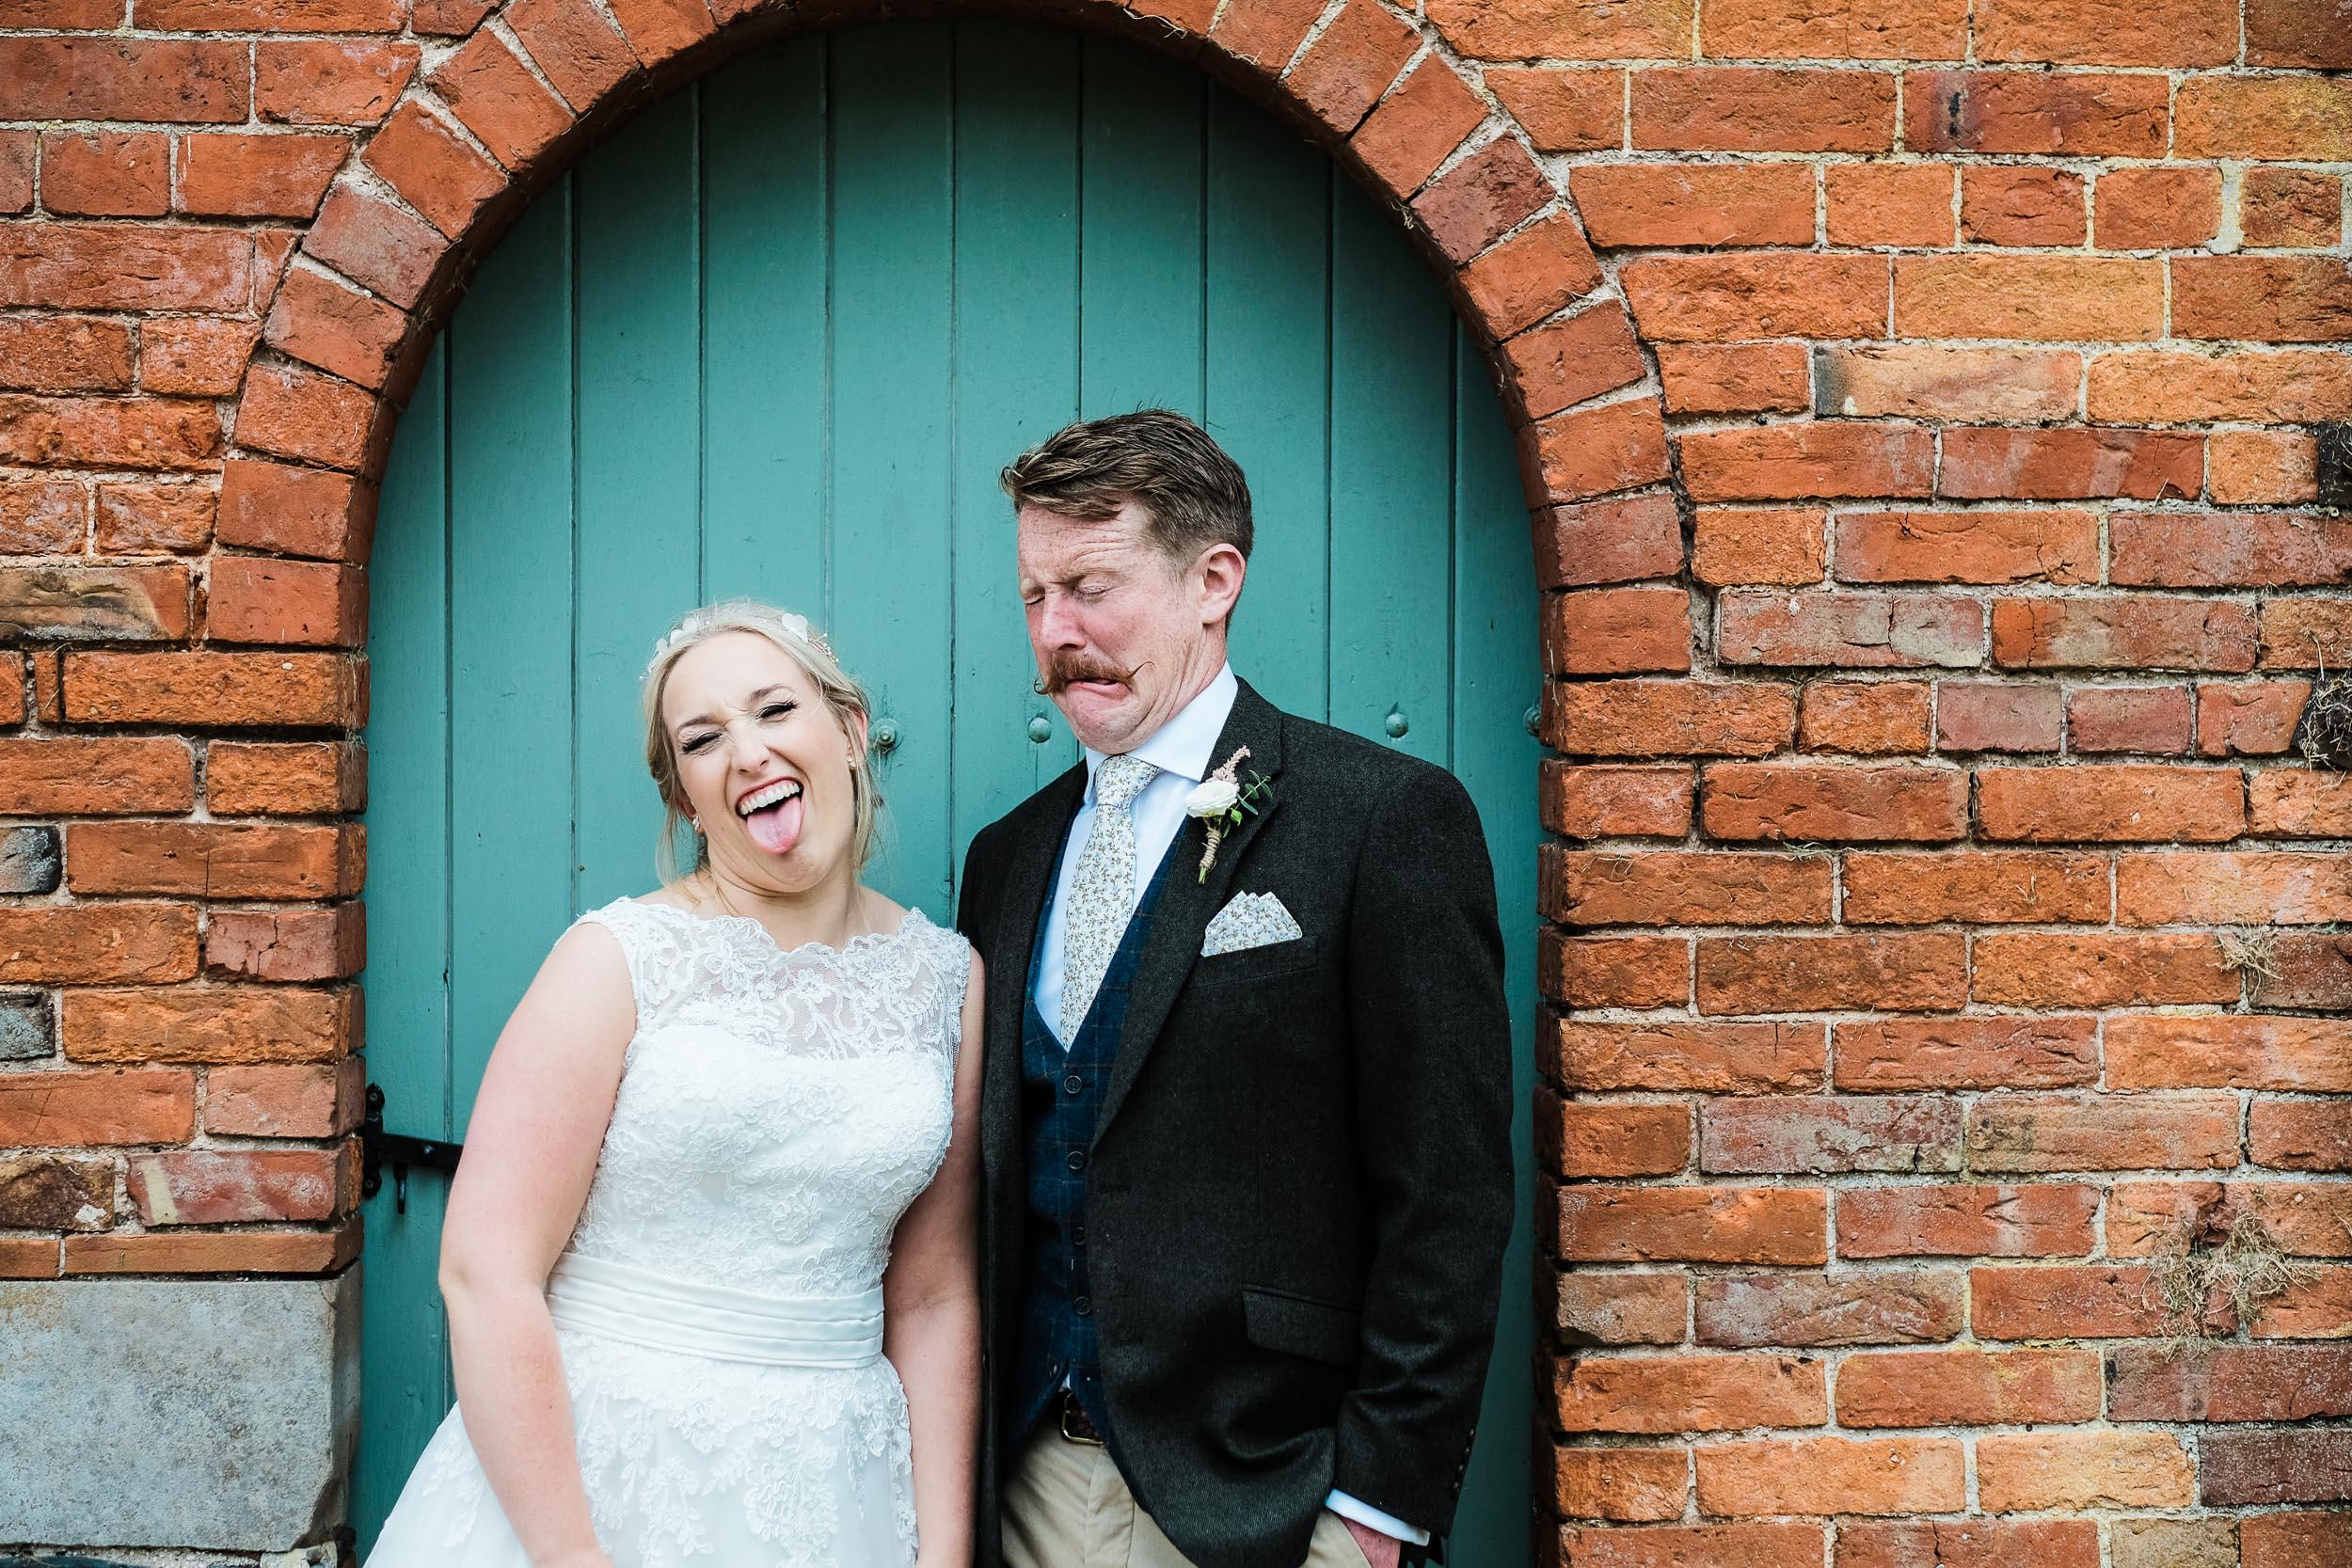 Sugnall Walled Garden Wedding Photographer-001-DSCF5958.jpg